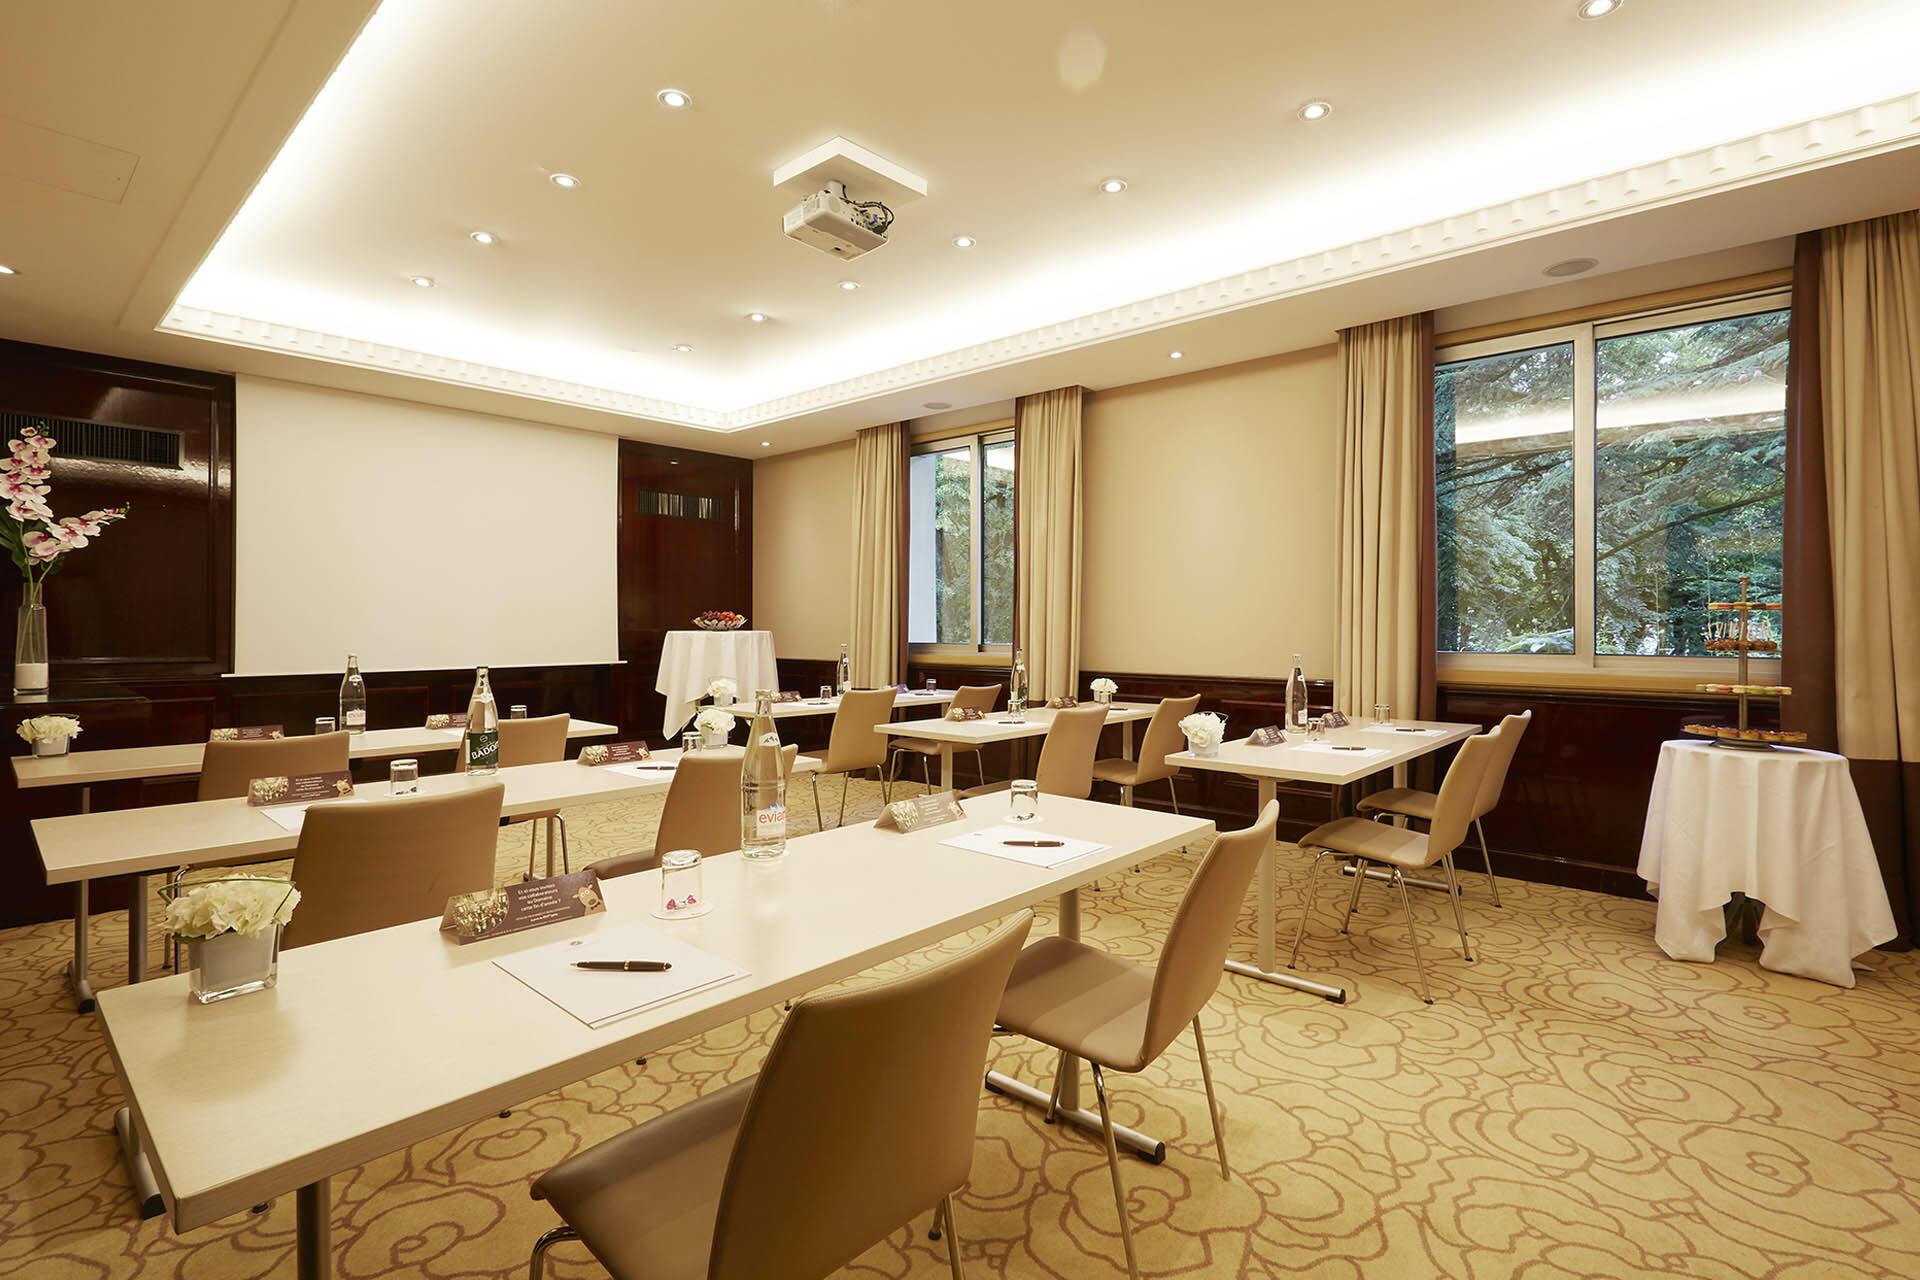 Conferences at Domaine de Divonne Hotel in Divonne-les-Bains